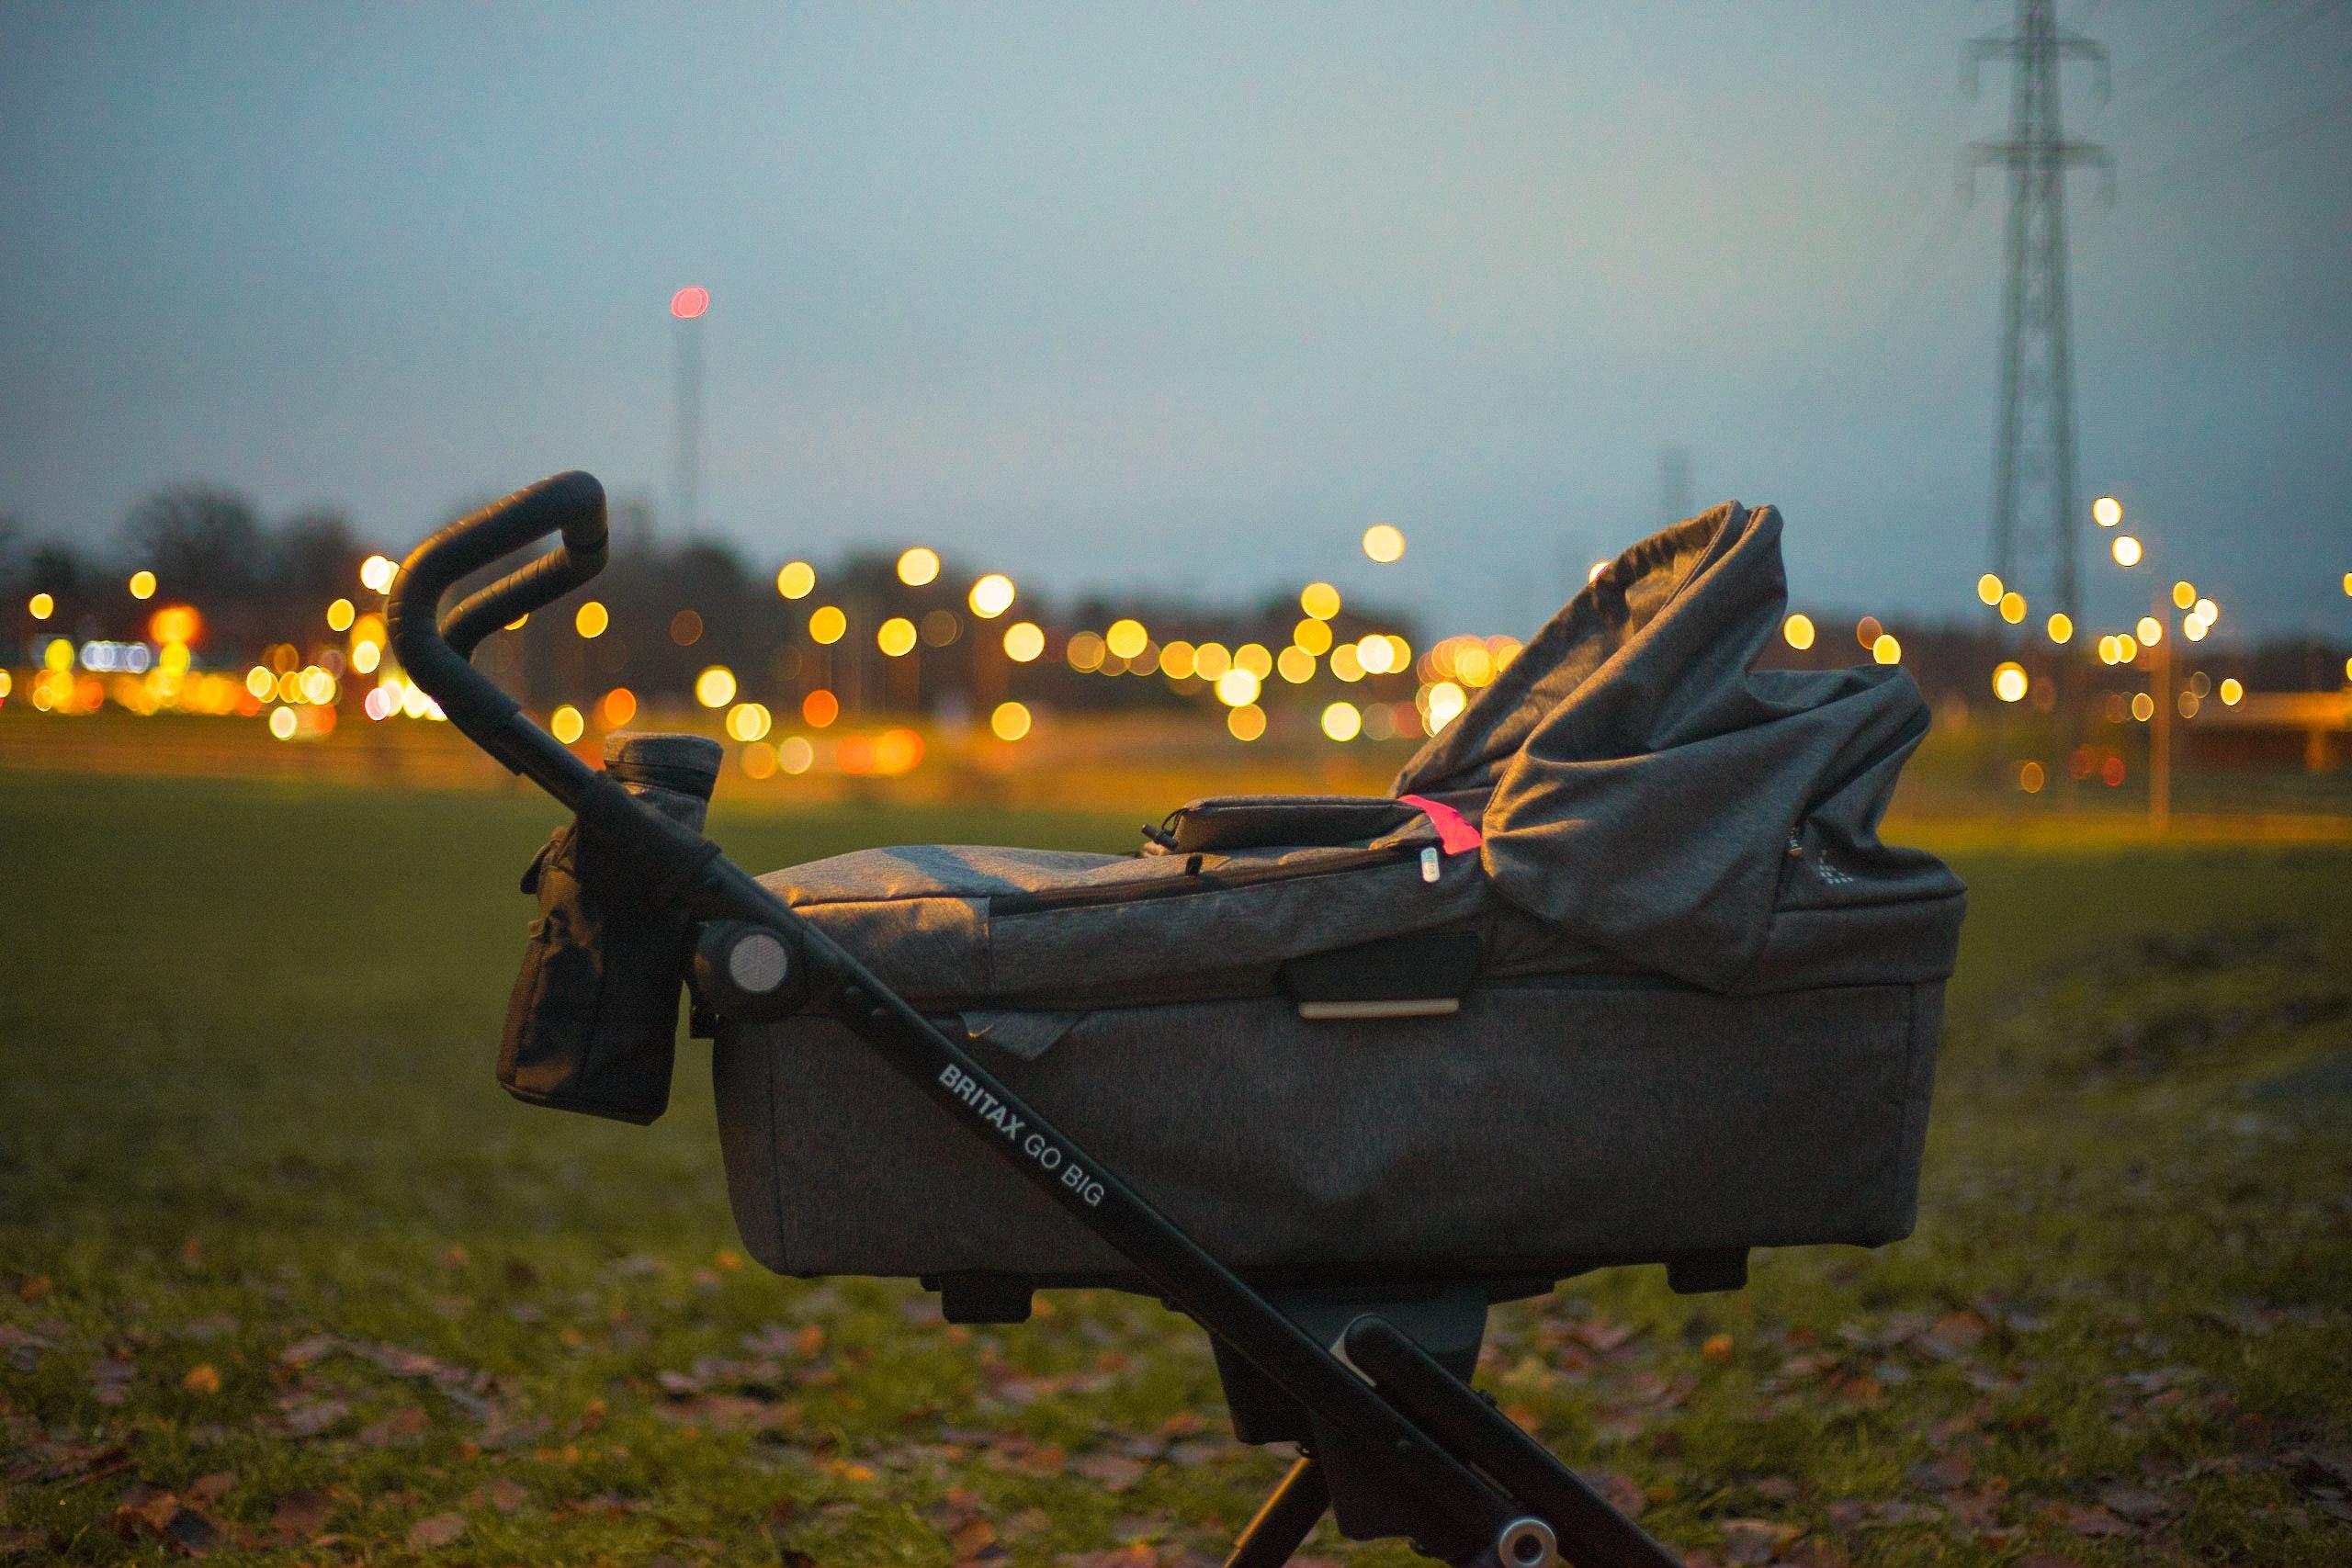 """Детски колички<br /> Детска количка можете да оставяте във входа или по коридорите, стига това да не създава сериозни затруднения на съседите. Дори наемодателят изрично да го забрани, съдът ще отмени забраната. Разбира се, за това са необходими следните условия: Първо, съседите спокойно да могат да се движат във входа и по коридора; и второ - родителите да живеят на висок етаж и без асансьор. Забрана за детски колички е допустима единствено, ако коридорите са прекалено тесни, ако съществува друга обща част, предназначена за """"паркиране"""" на детски колички или ако има асансьор."""